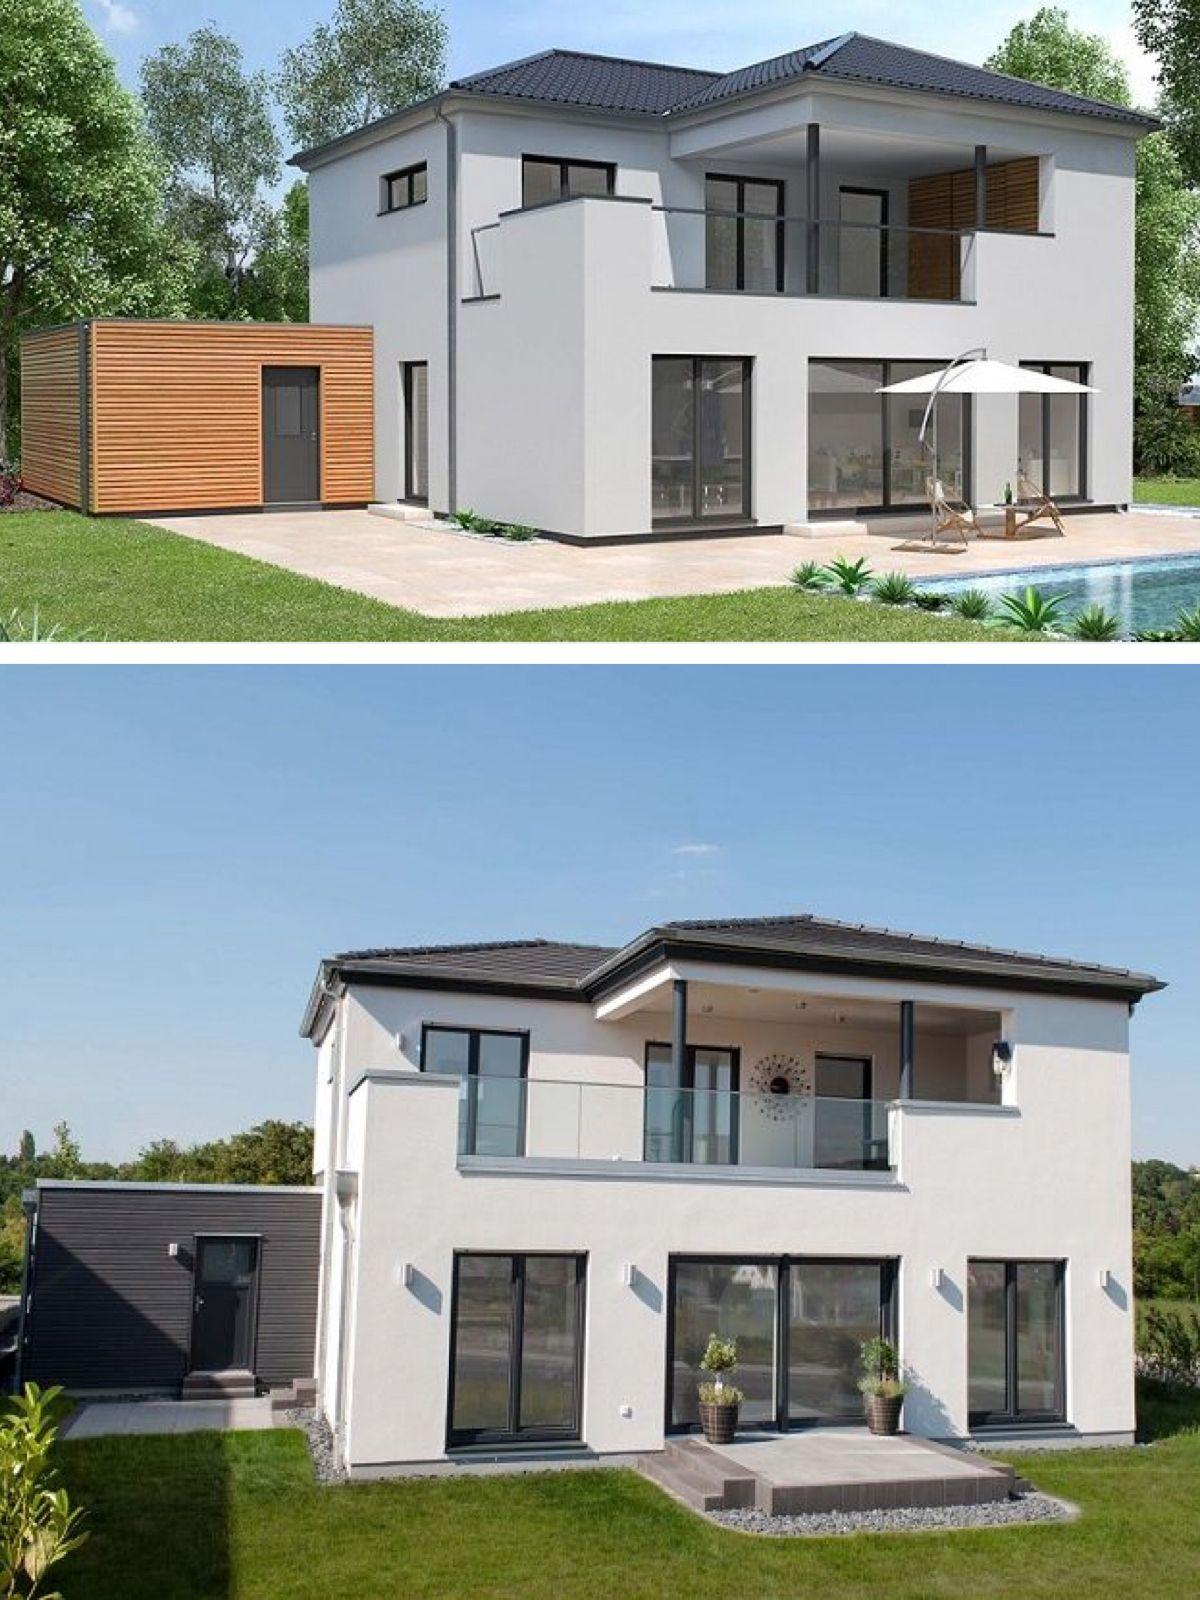 Moderne Stadtvilla Mit Walmdach Architektur Einfamilienhaus Bauen